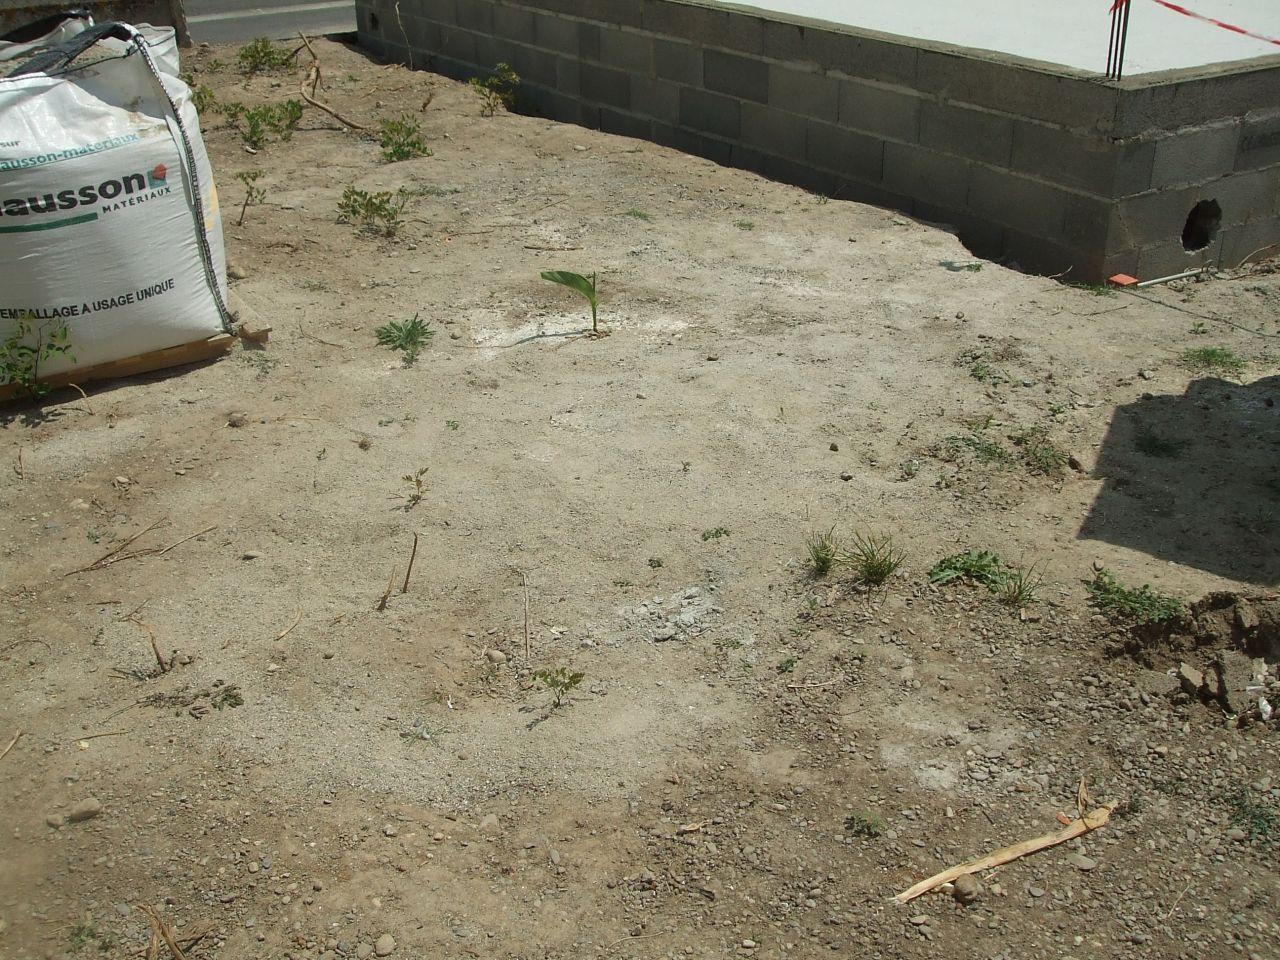 etat du terrain du voisin qui souhaite que ce soit nettoyé